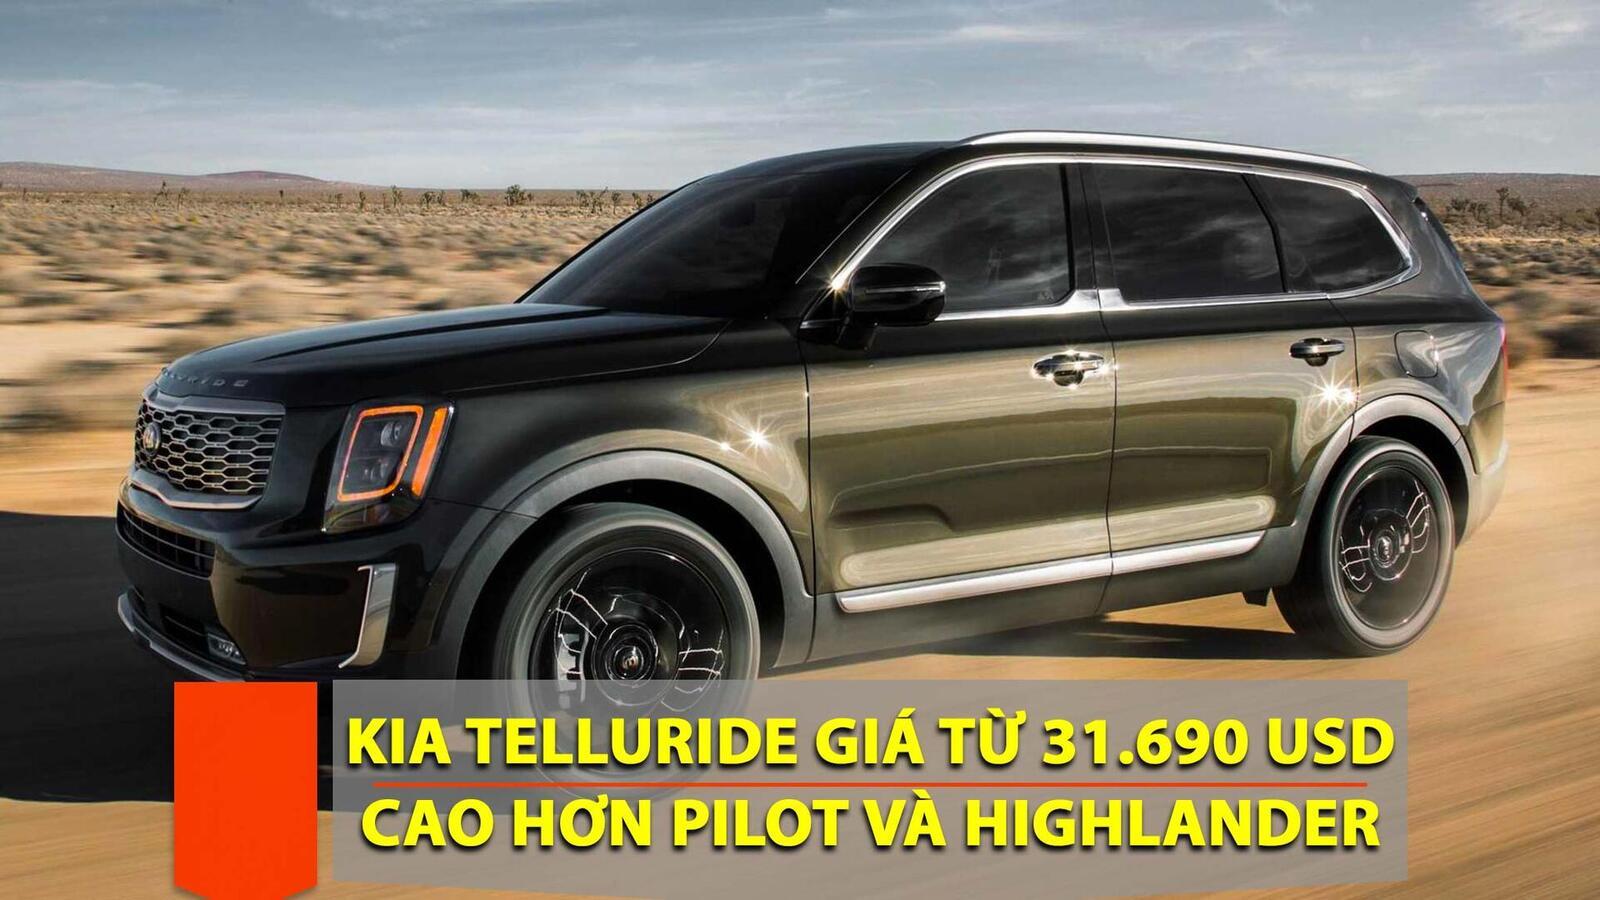 Kia Telluride 2020 có giá khởi điểm cao hơn Toyota Highlander hay Honda Pilot - Hình 1